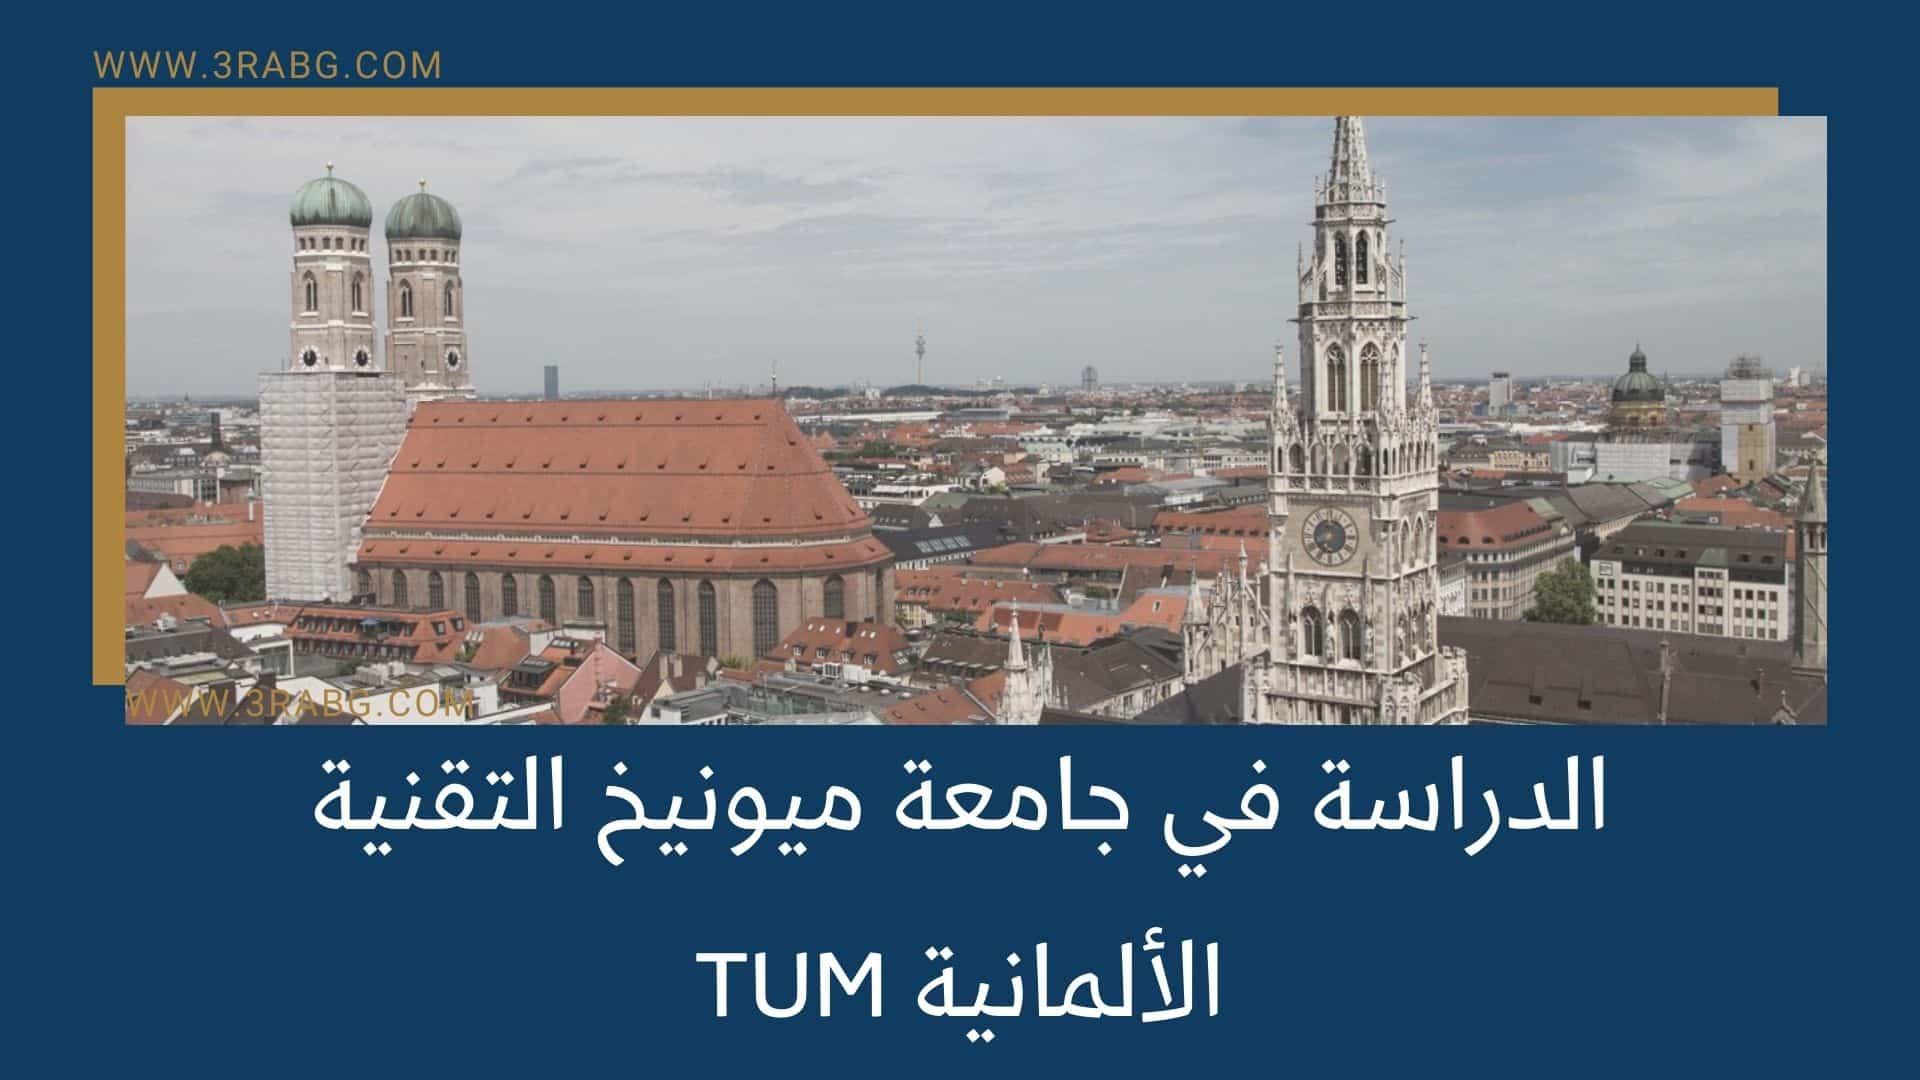 الدراسة في جامعة ميونيخ التقنية TUM الألمانية